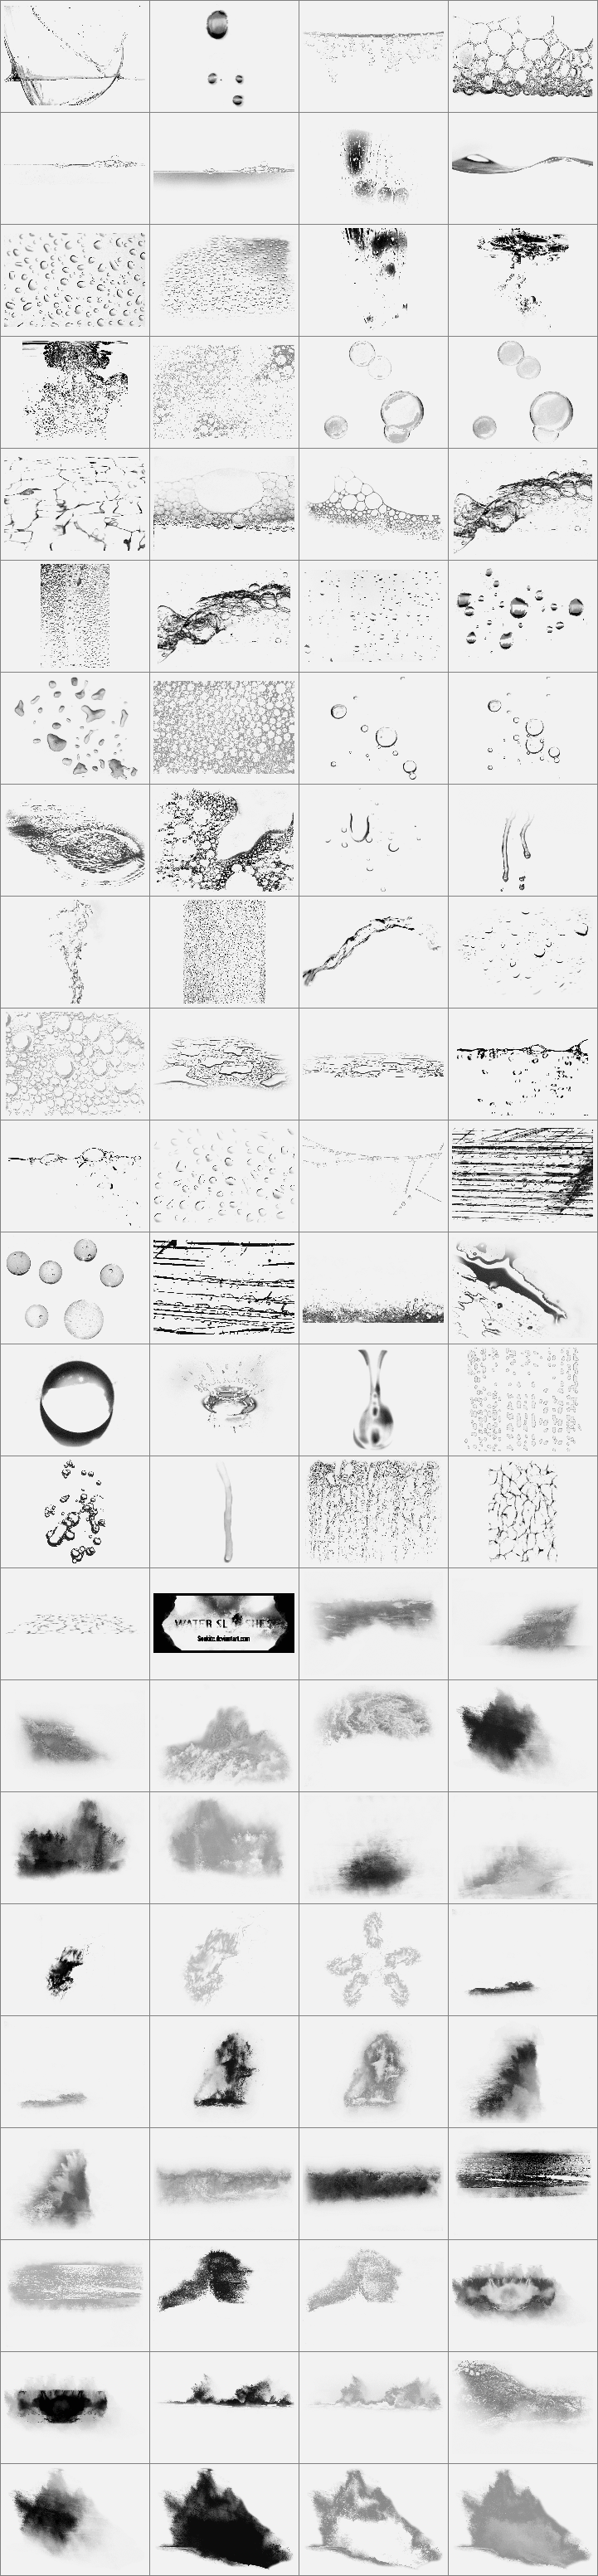 泡沫水迹笔刷